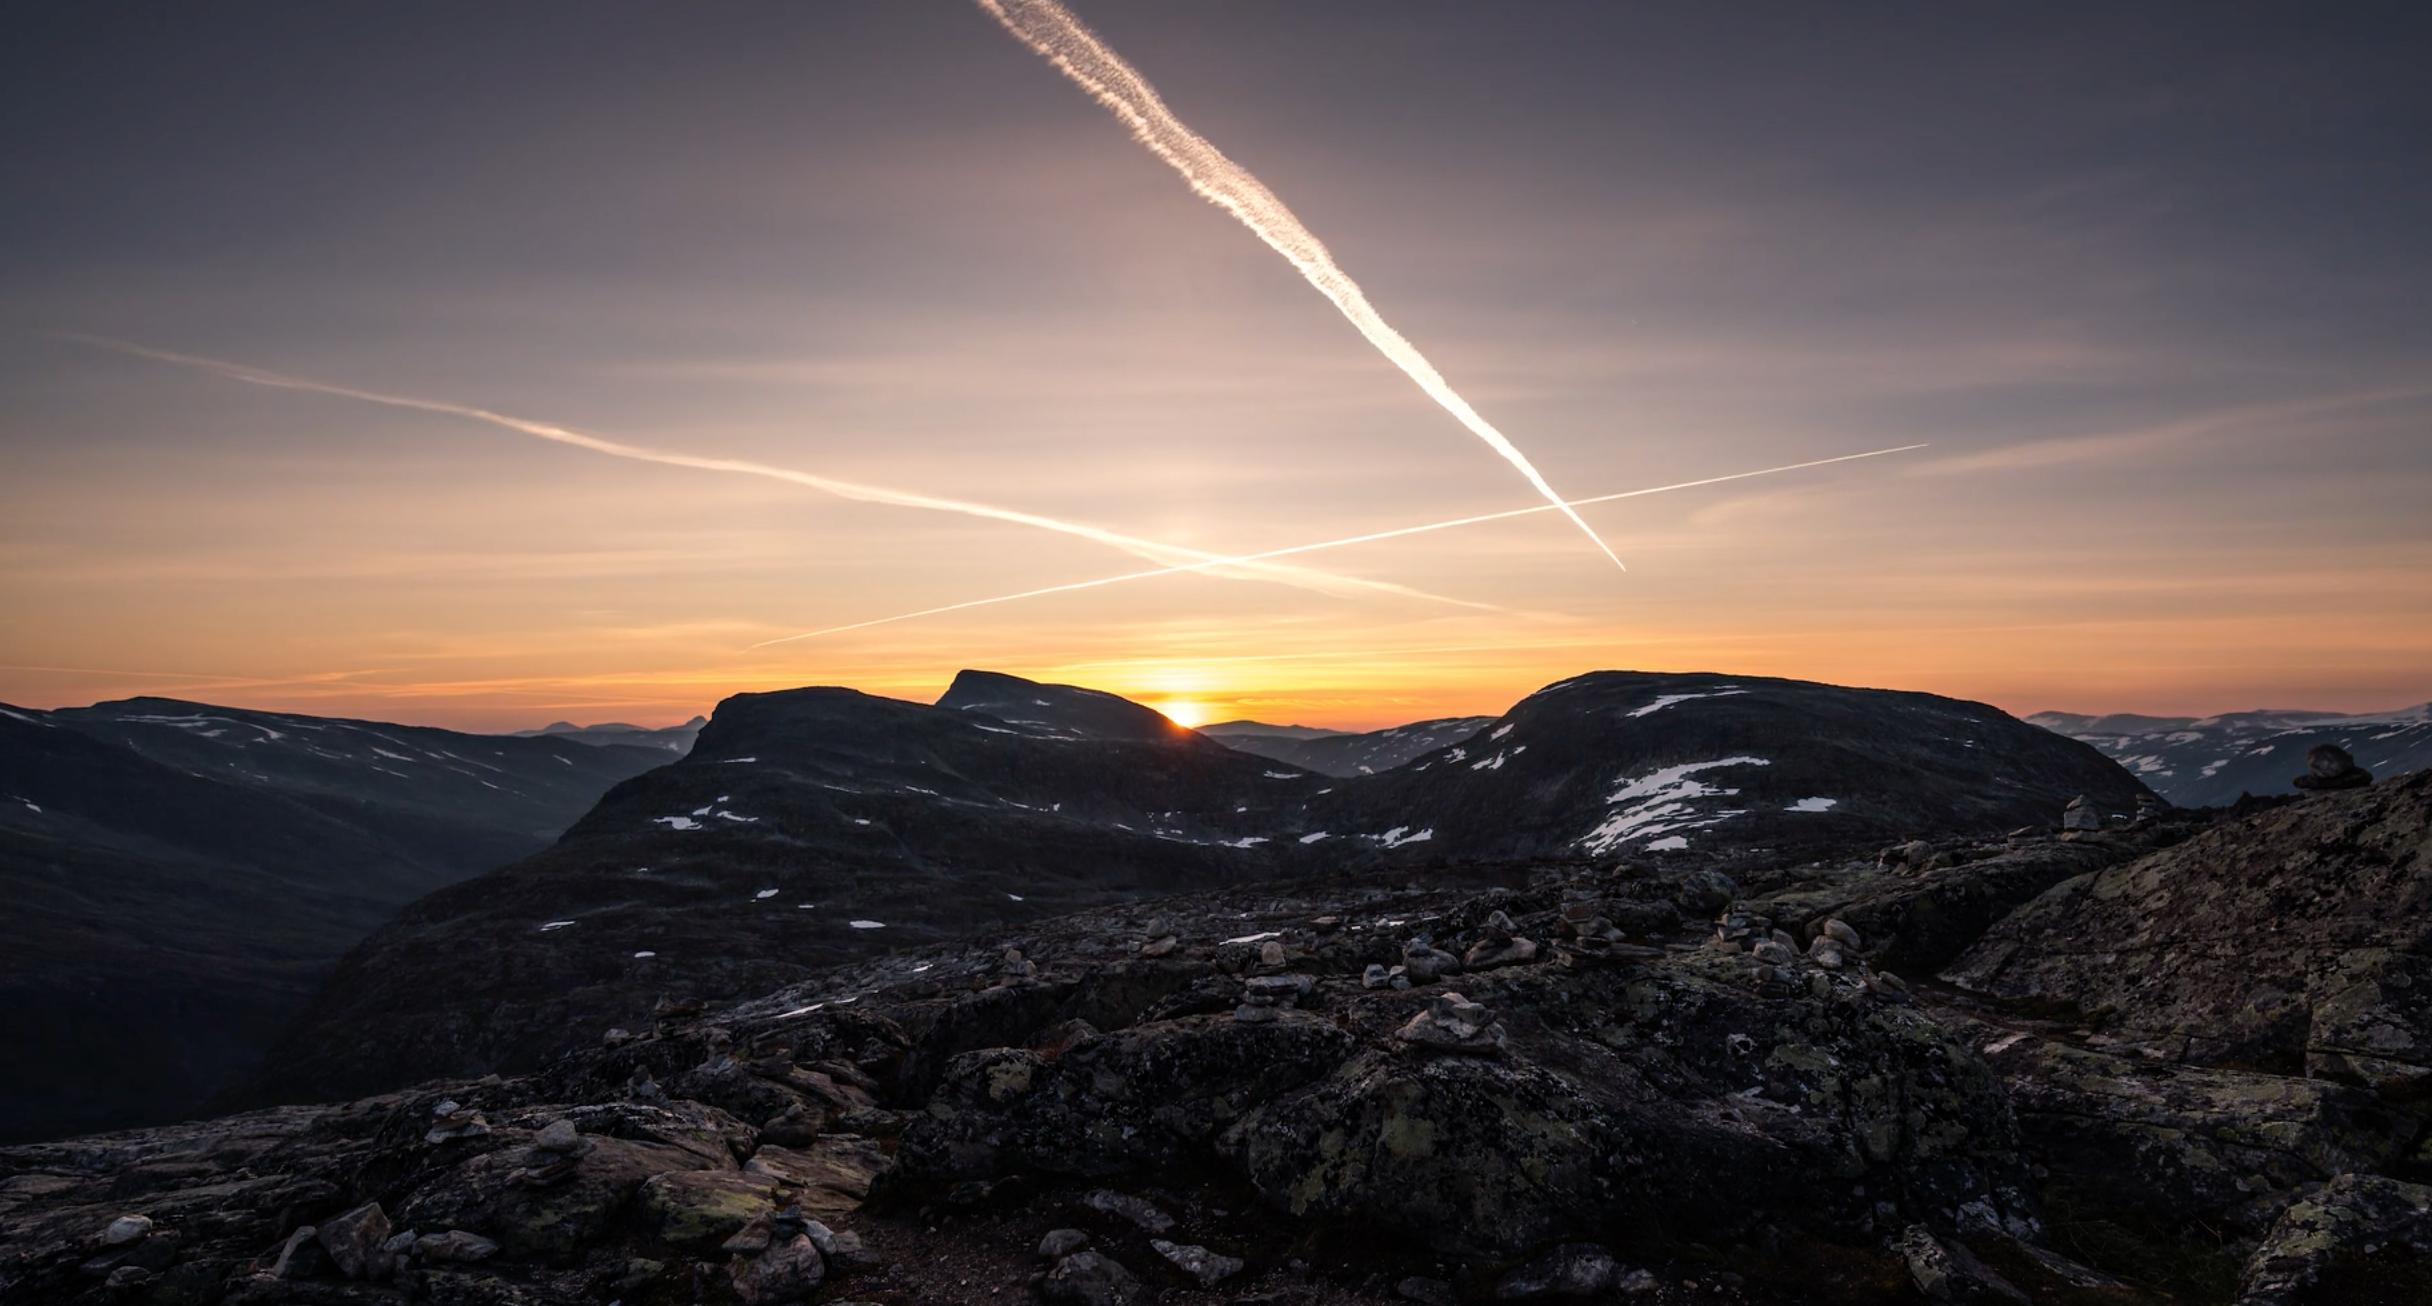 Du har neppe sett Norge i så flotte detaljer før.